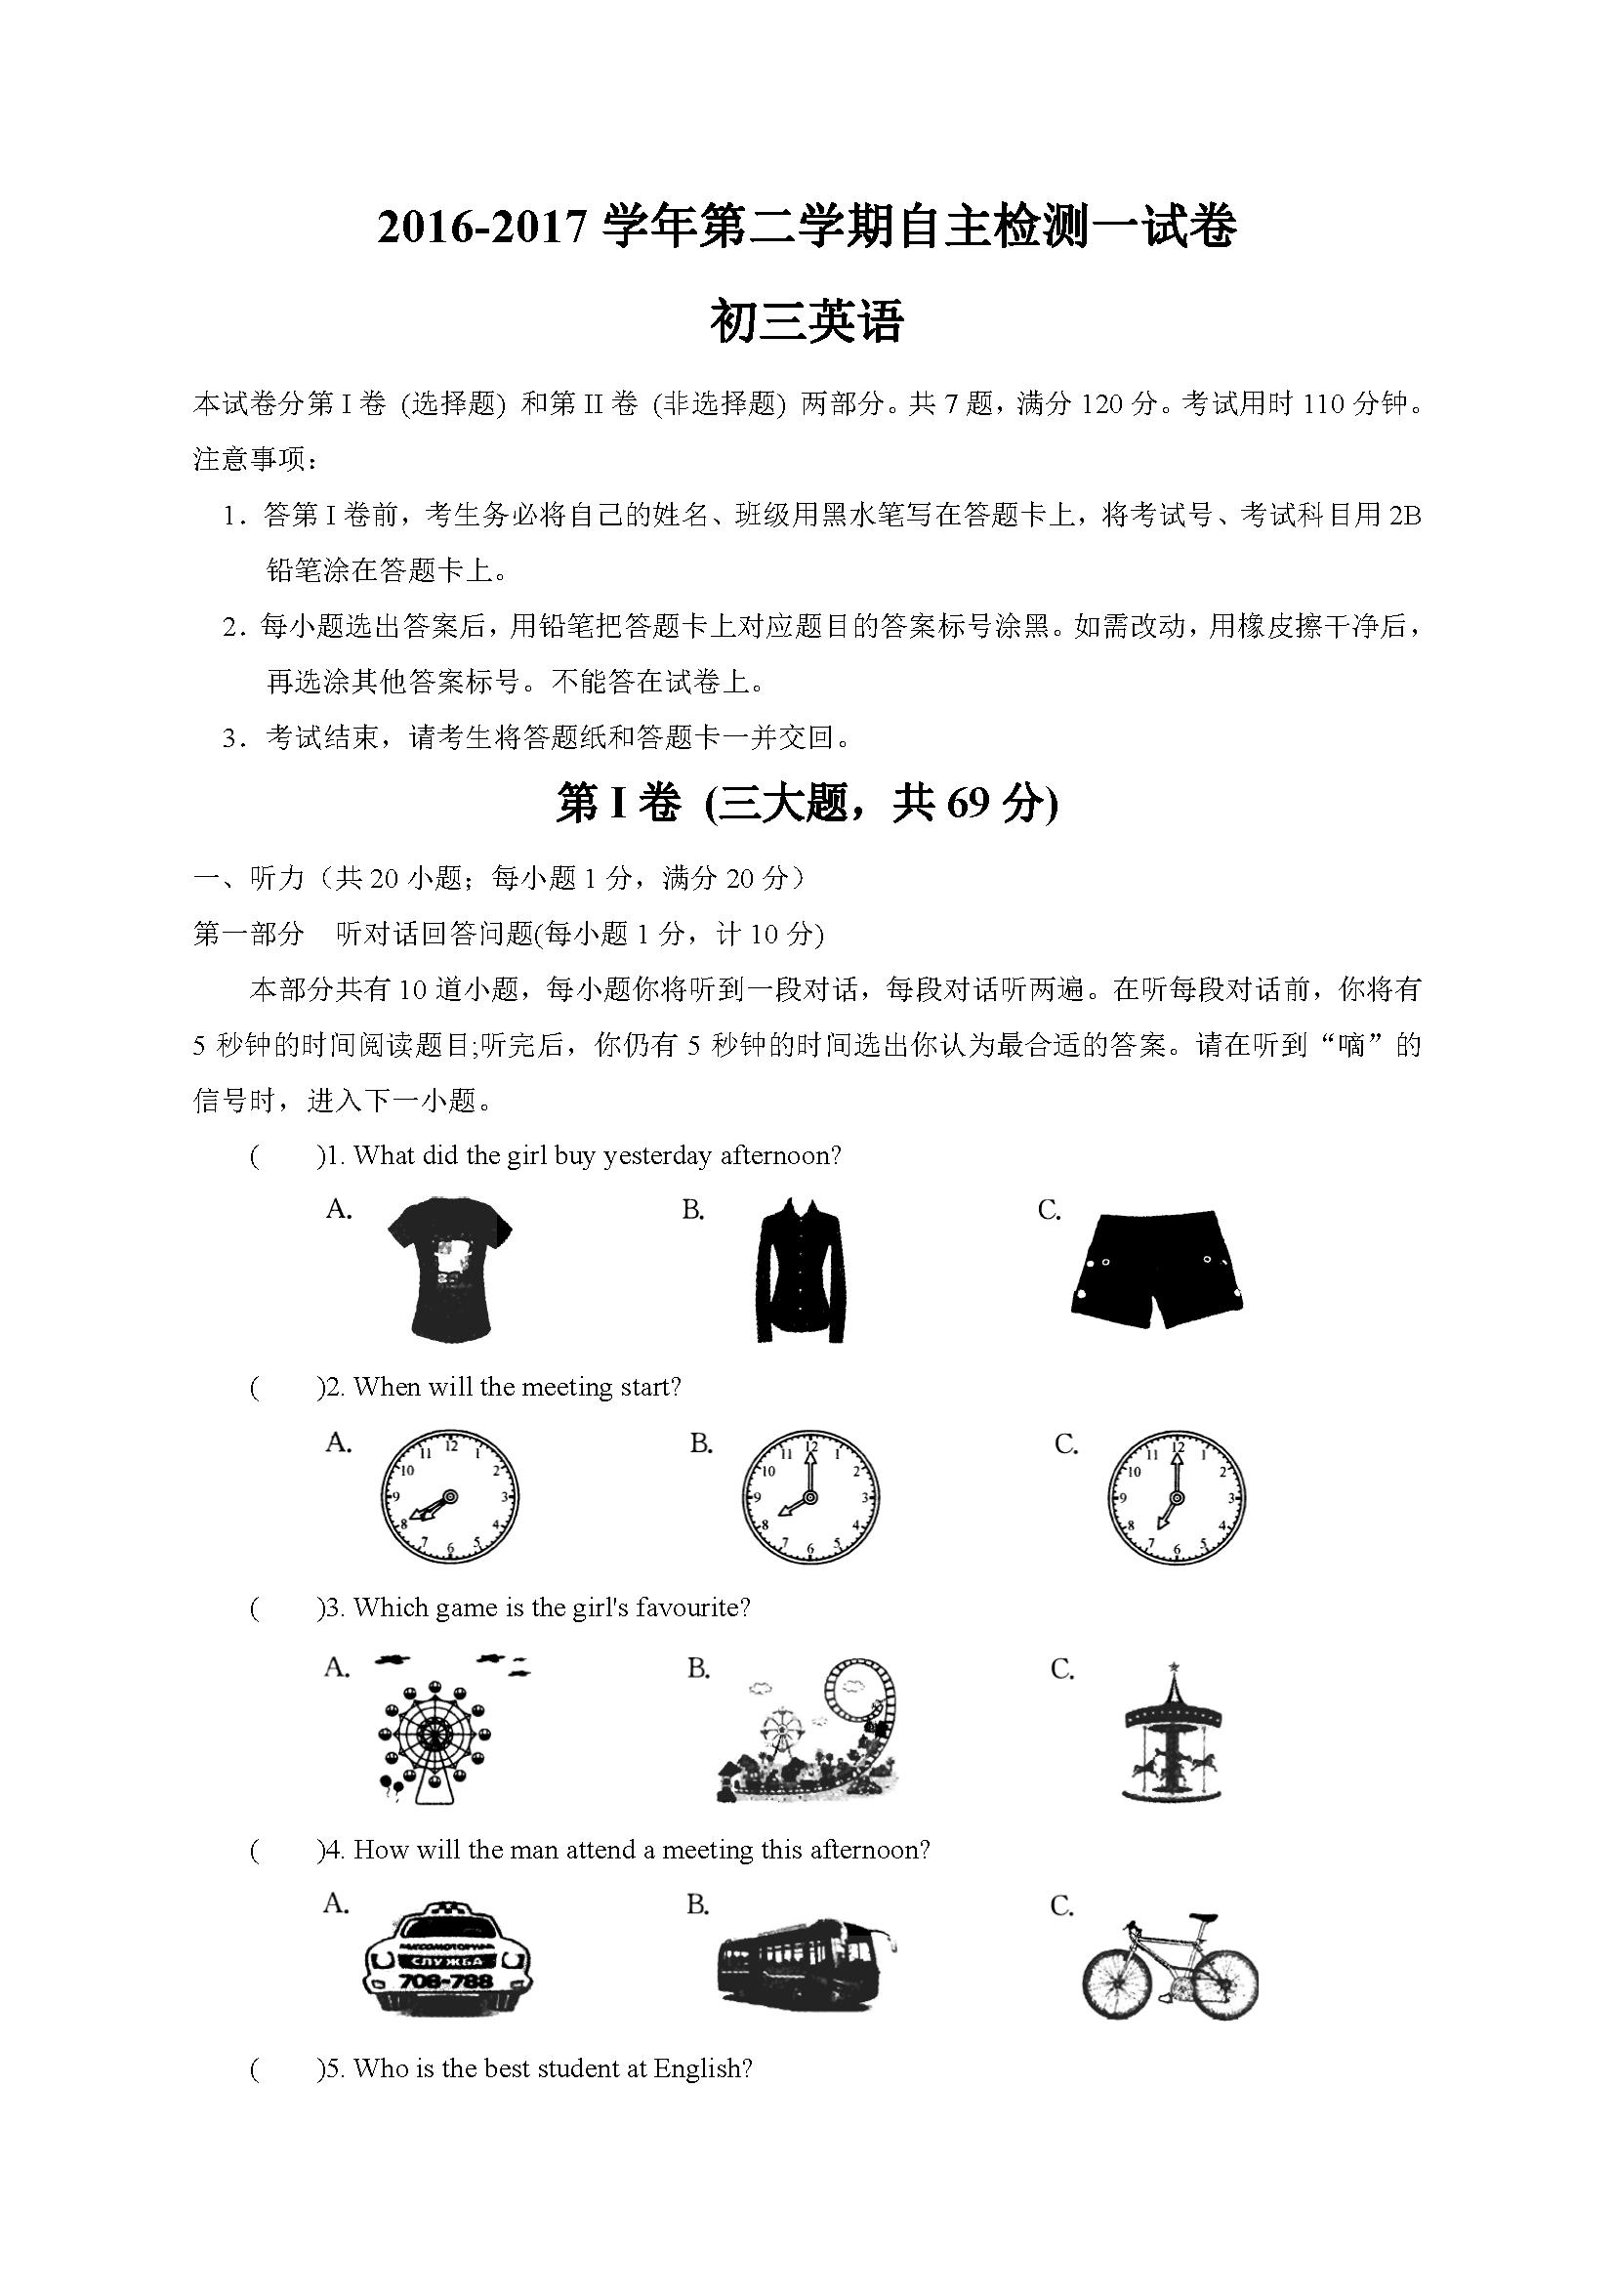 2017江苏苏州高新区第二中学九年级下自主检测一英语试题(图片版)